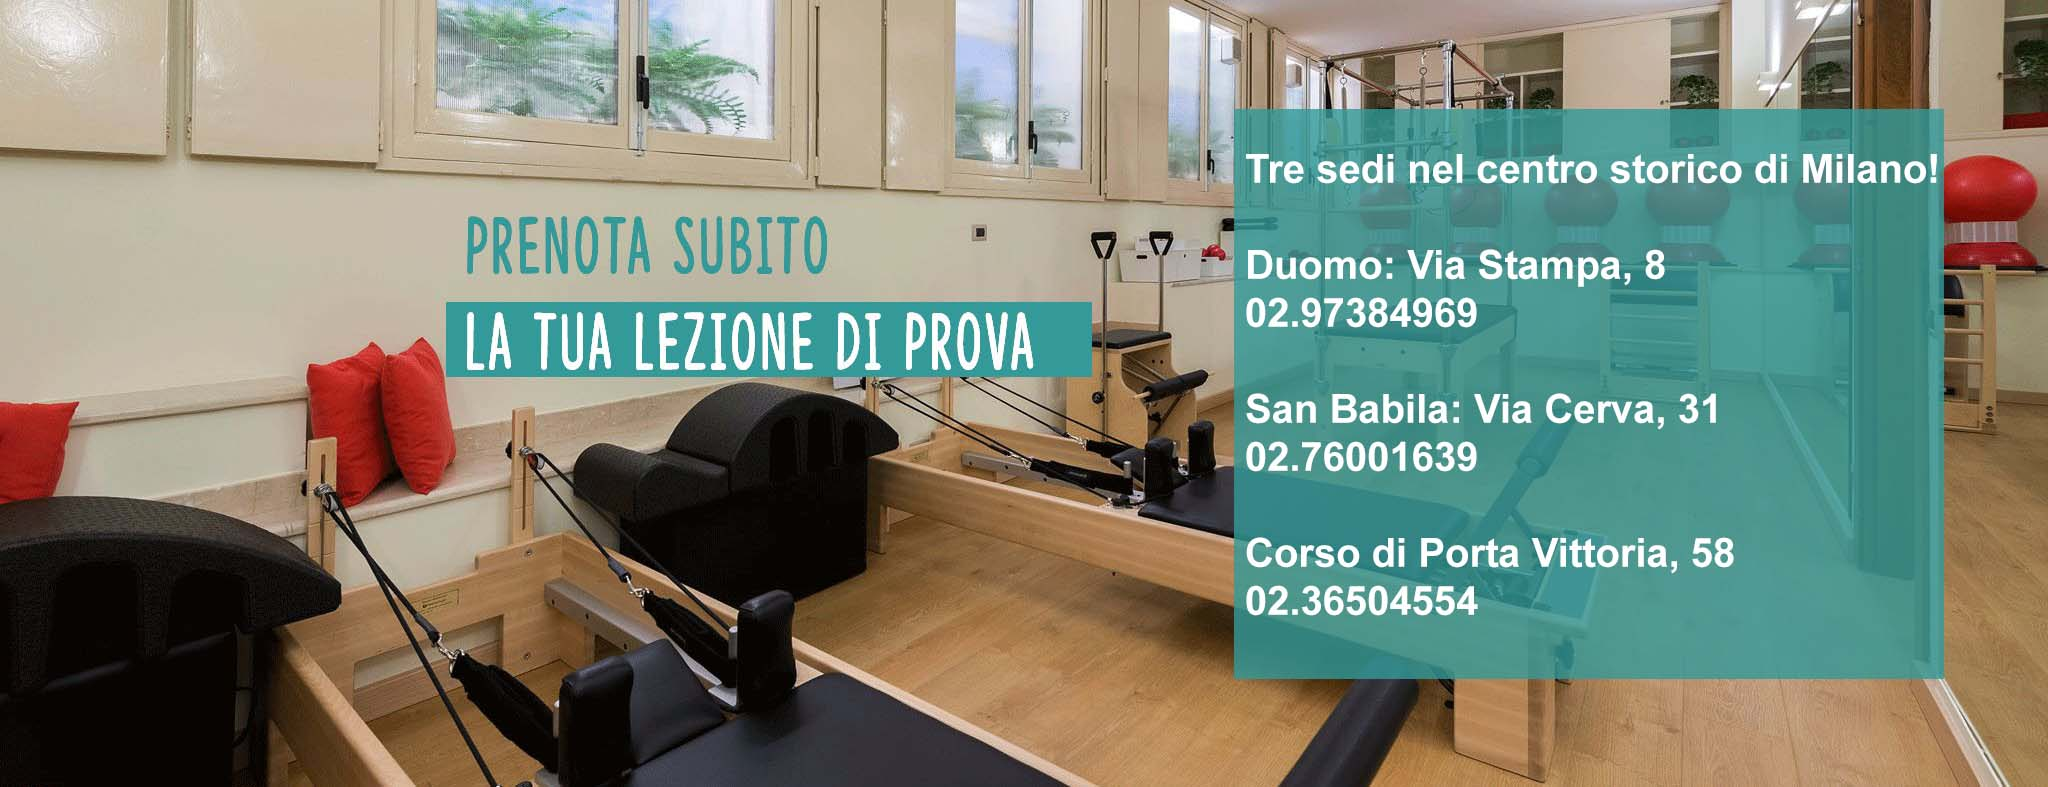 Pilates Pre Parto Castagnedo Milano - Prenota subito la tua lezione di prova